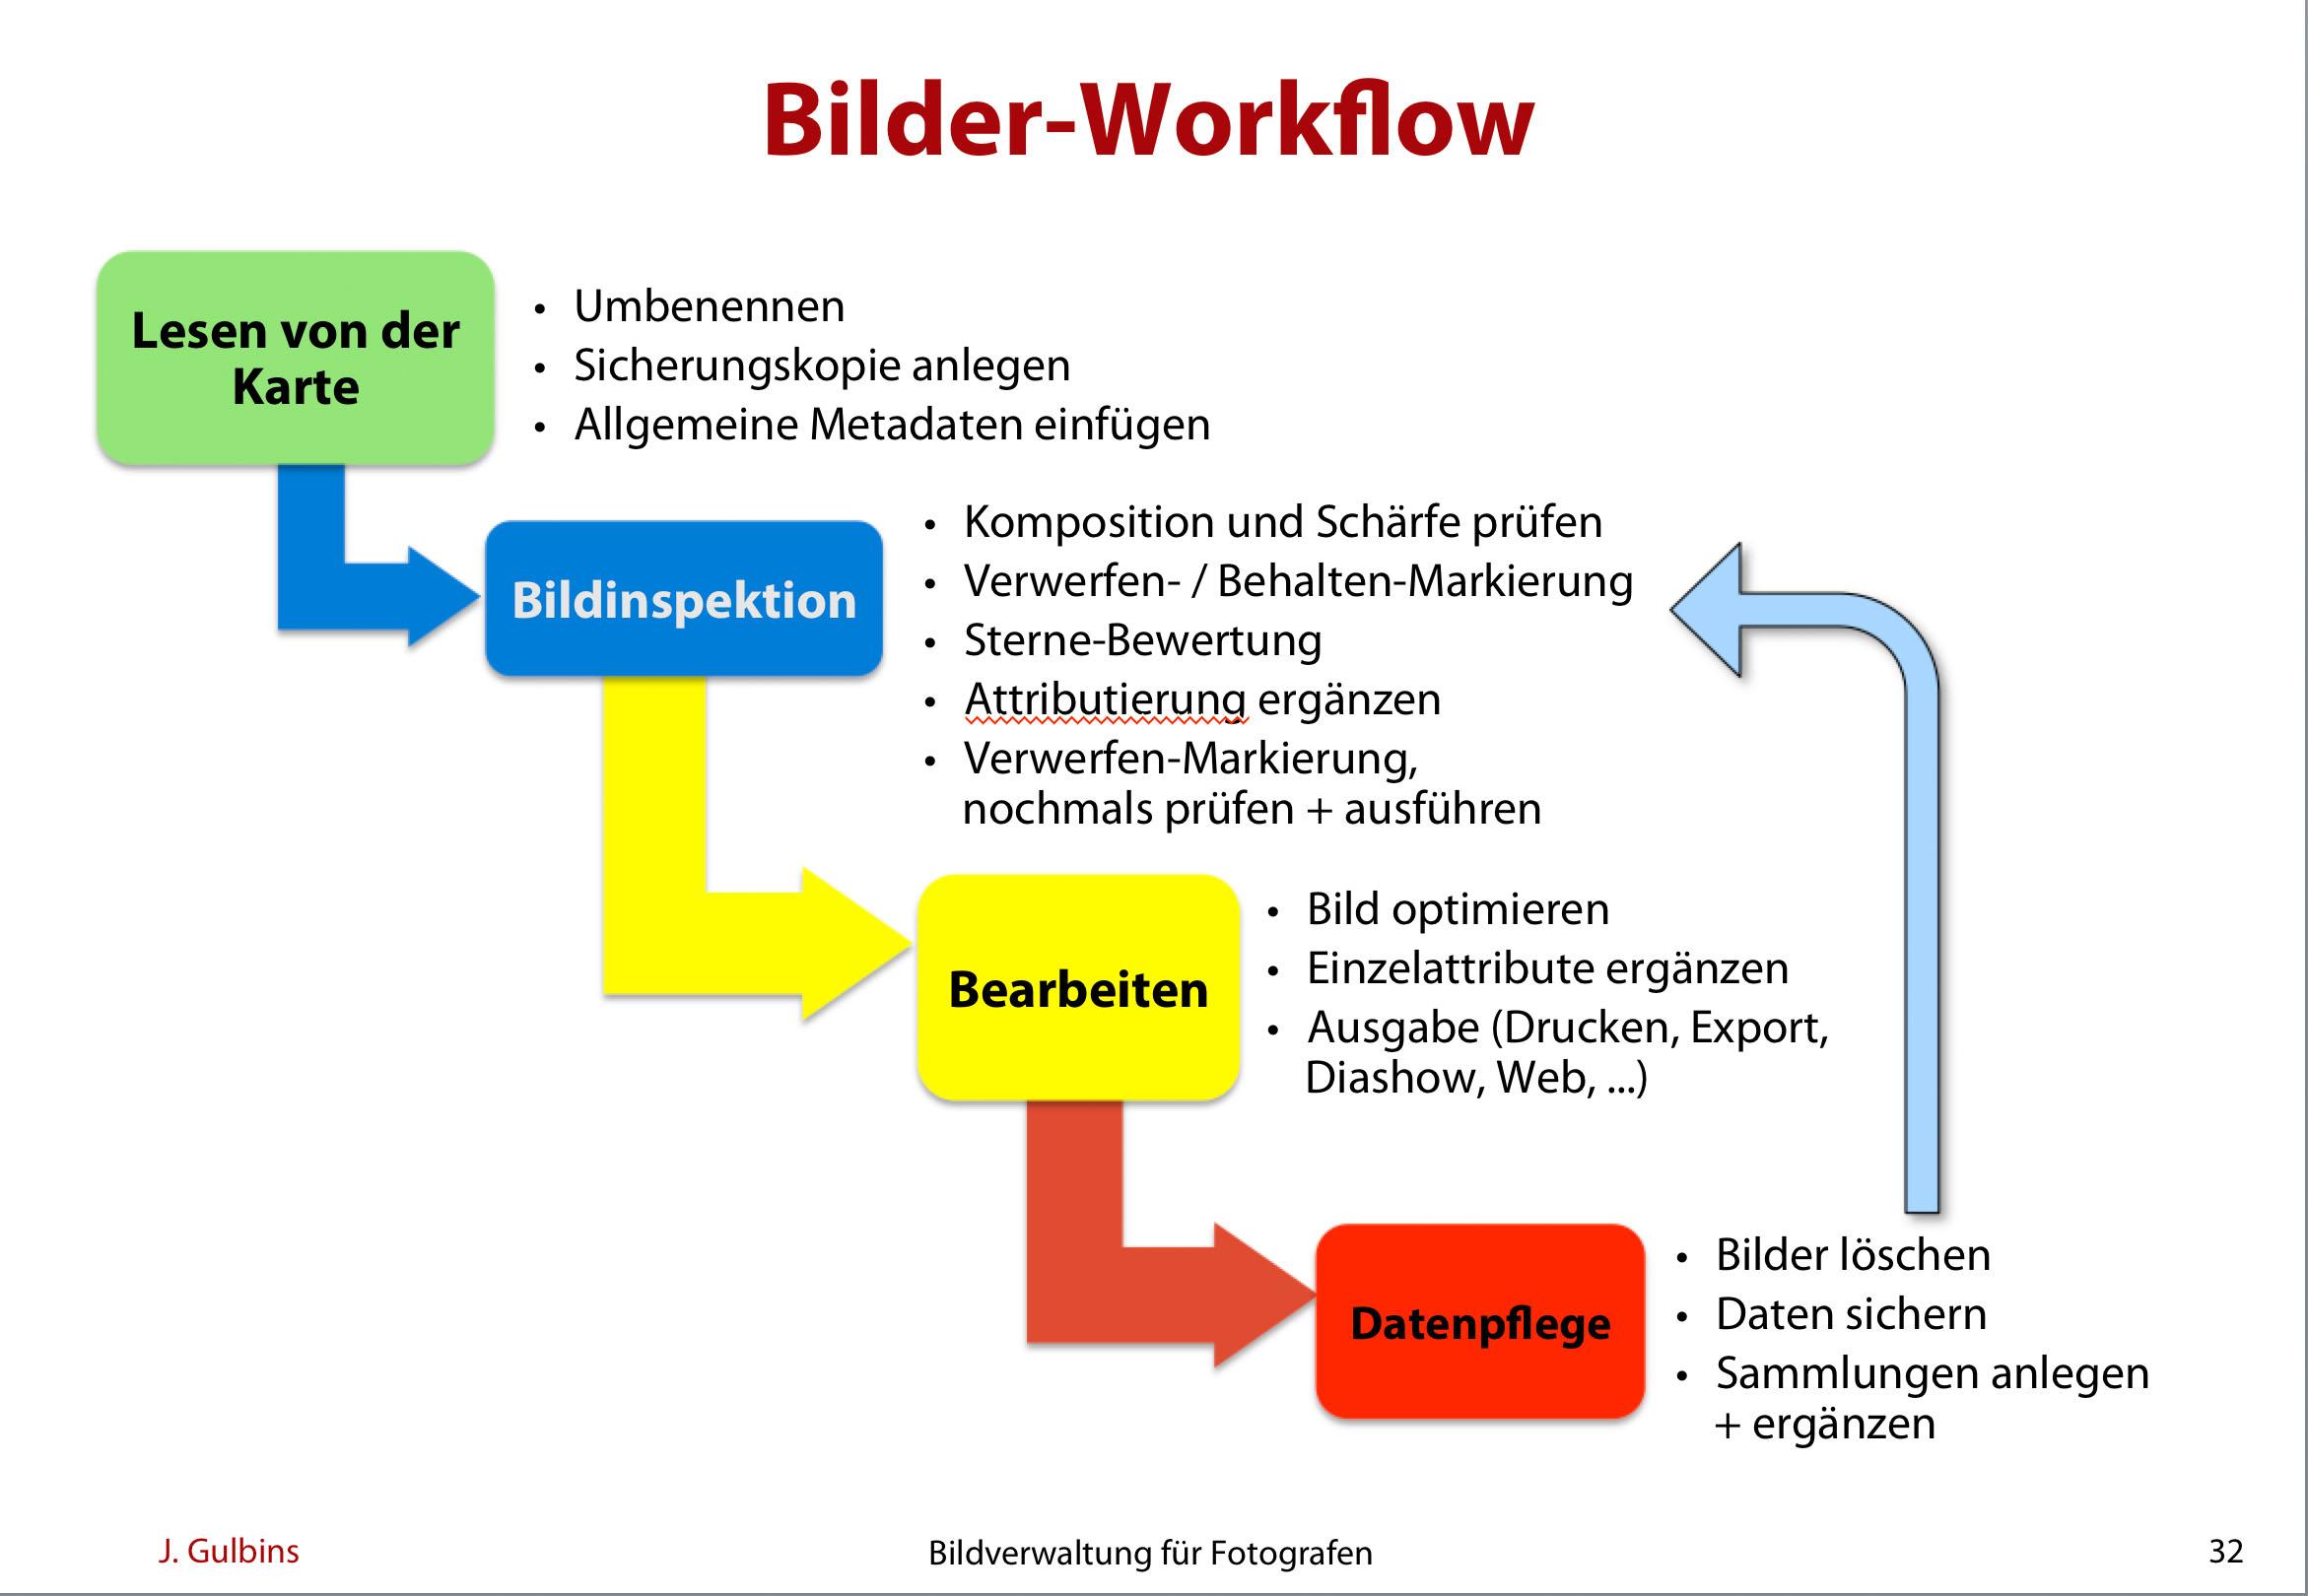 Bilder-Workflow.jpg